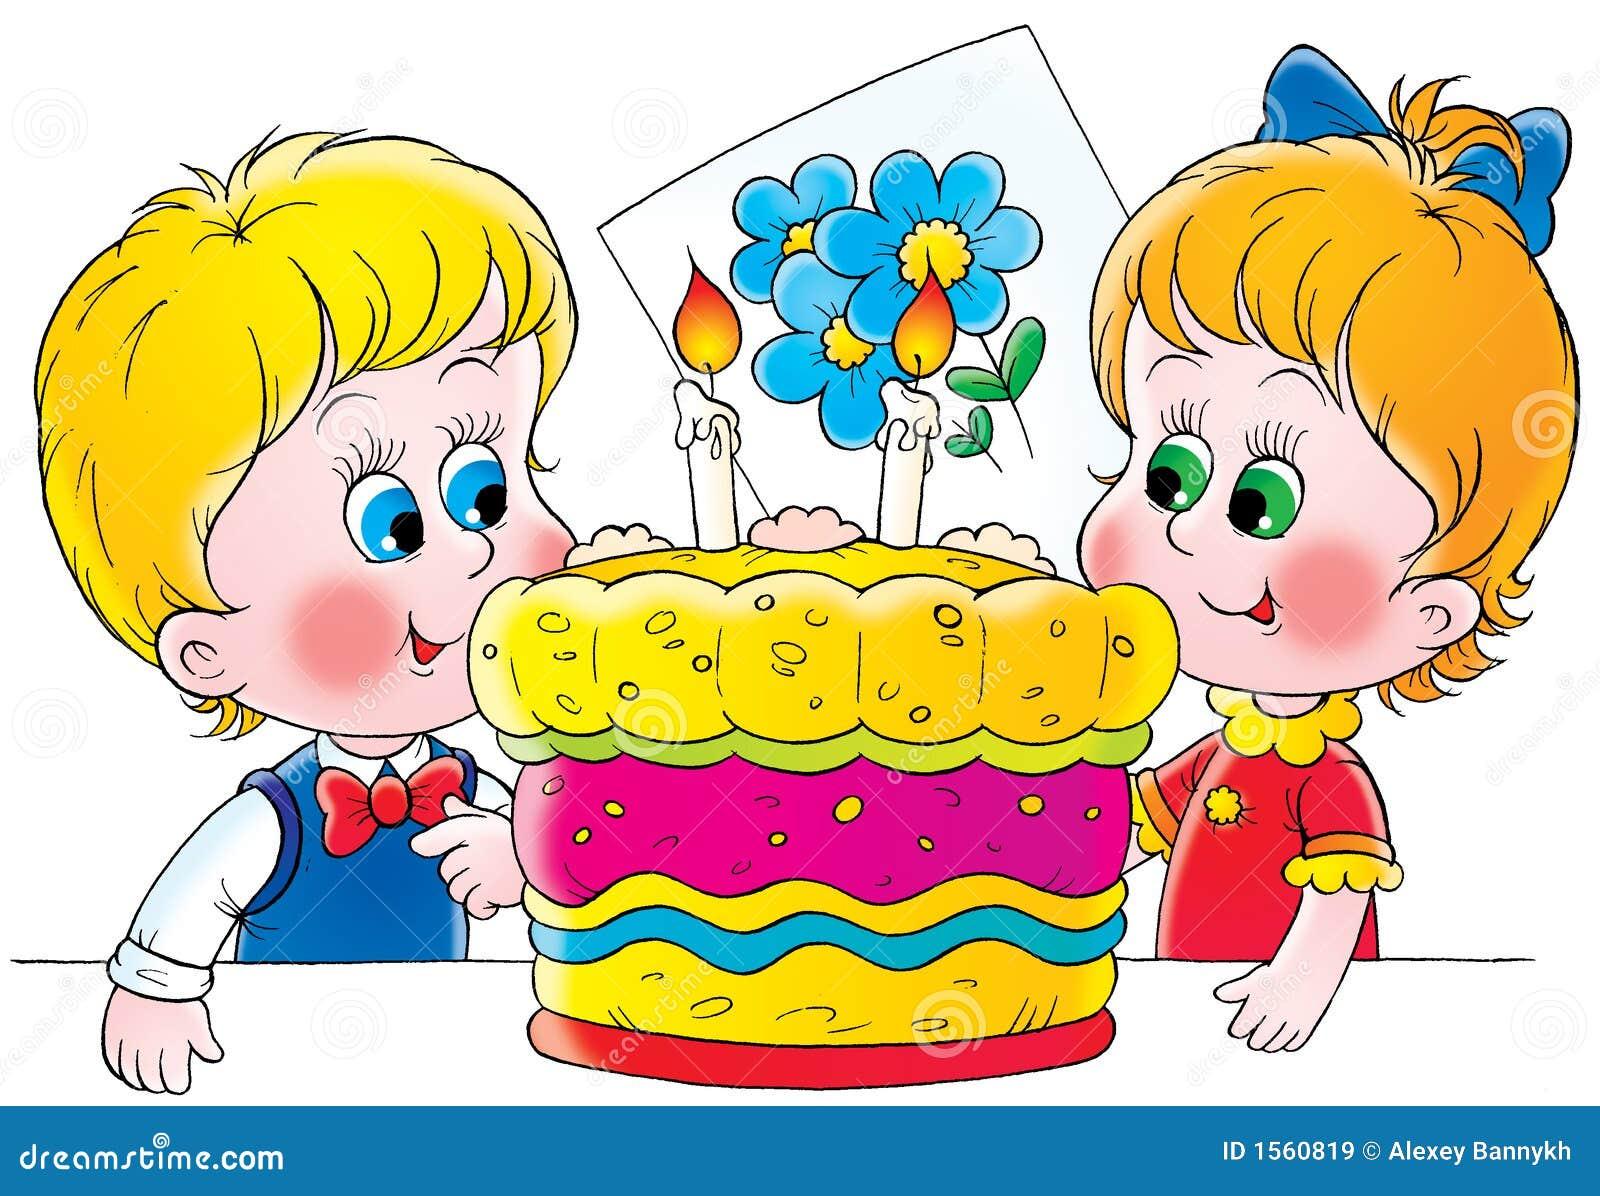 С днем рождения мальчиков близнецов 4 года